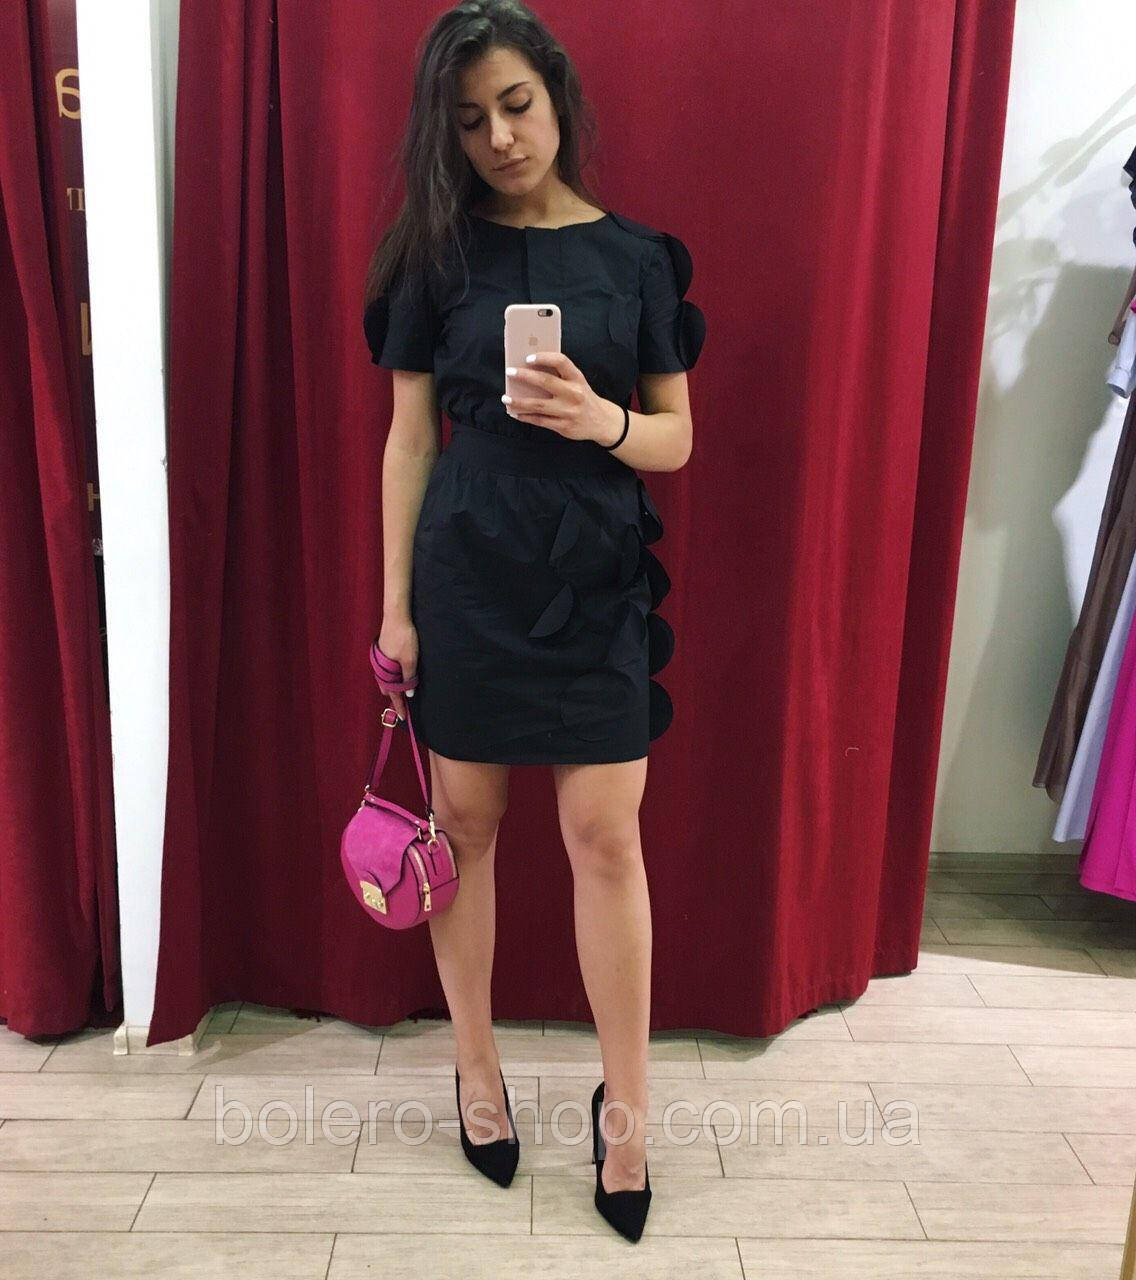 Женское платье Les Bourdelles Des Garçons Италия черное